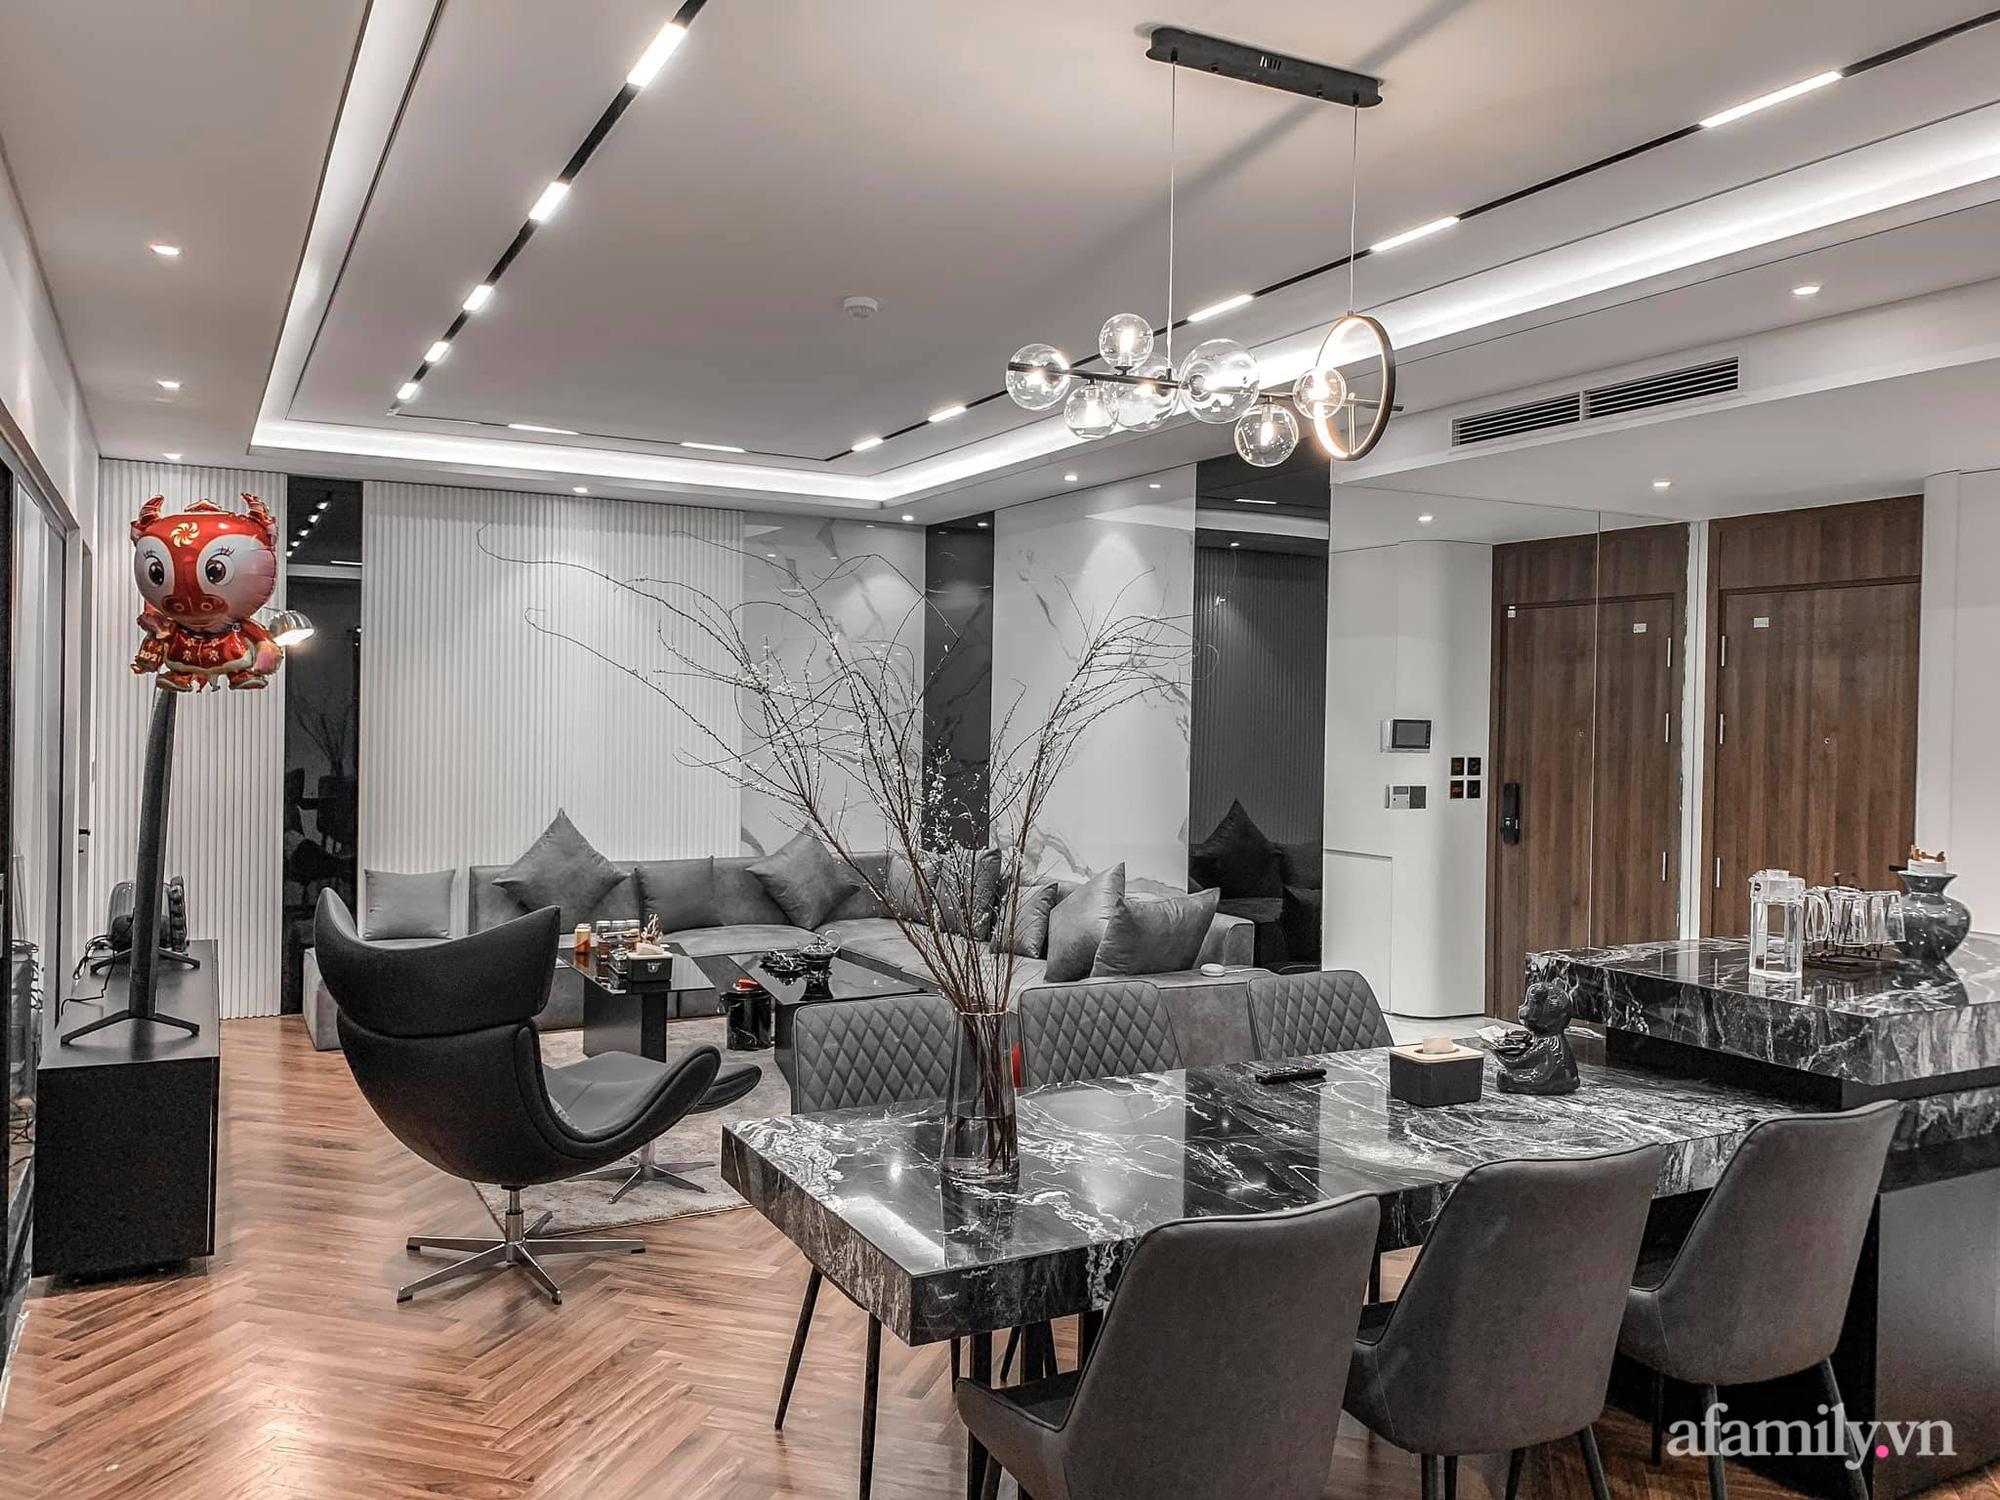 Căn hộ 125m² với gam màu tối cực chất của cặp vợ chồng yêu thời trang ở Hà Nội - Ảnh 1.